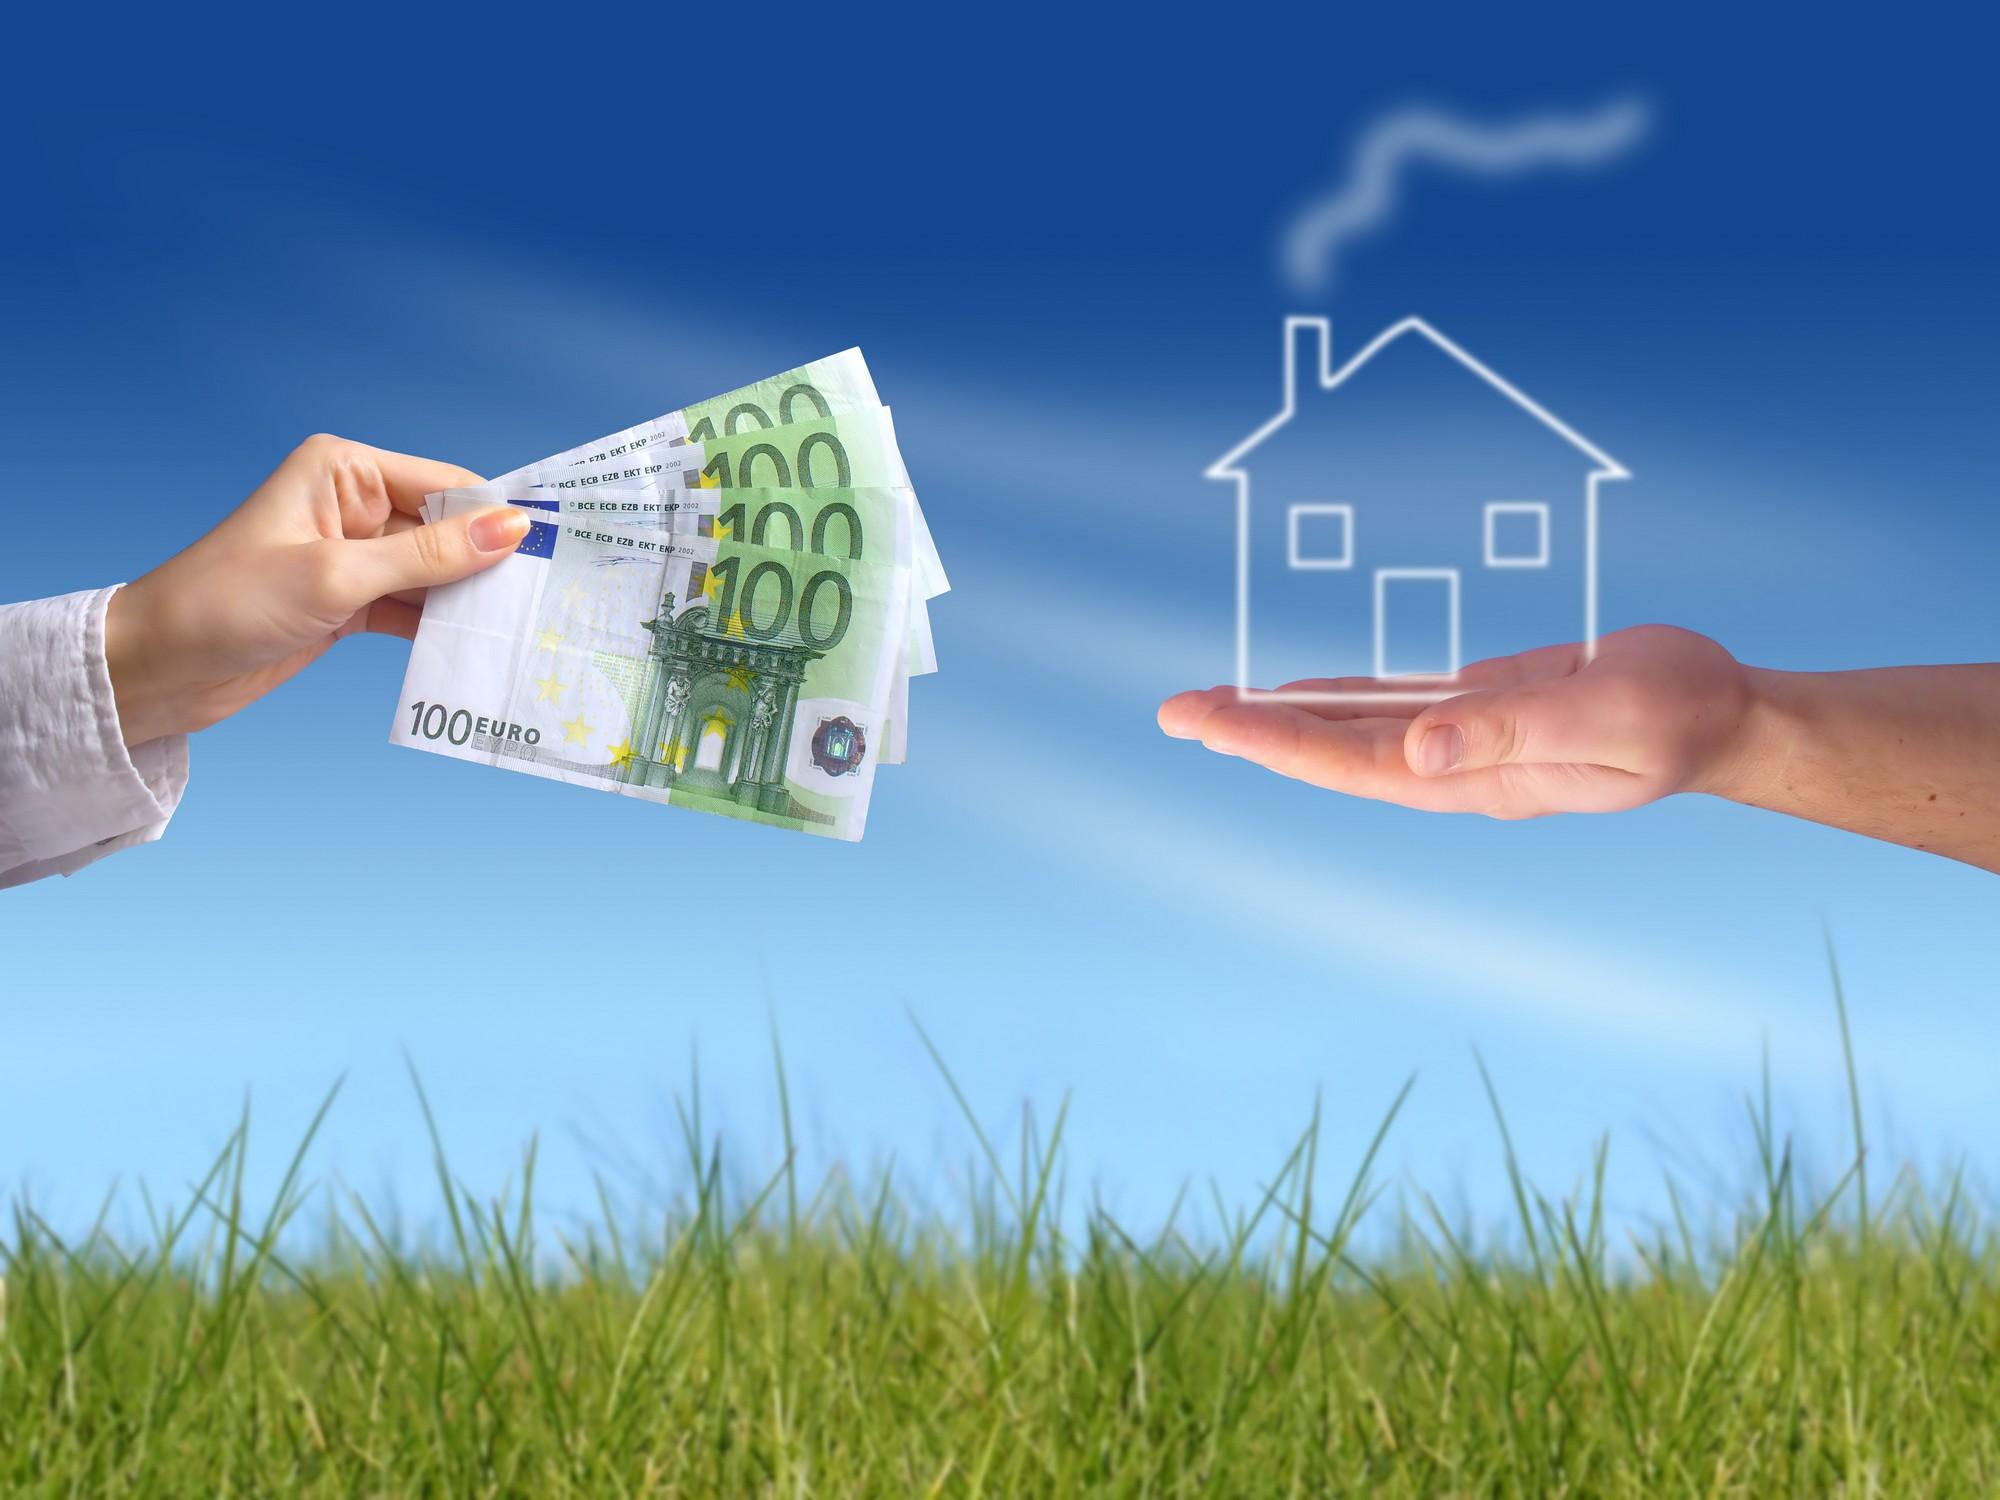 Vente immobilière : Mes conseils pour bien vendre